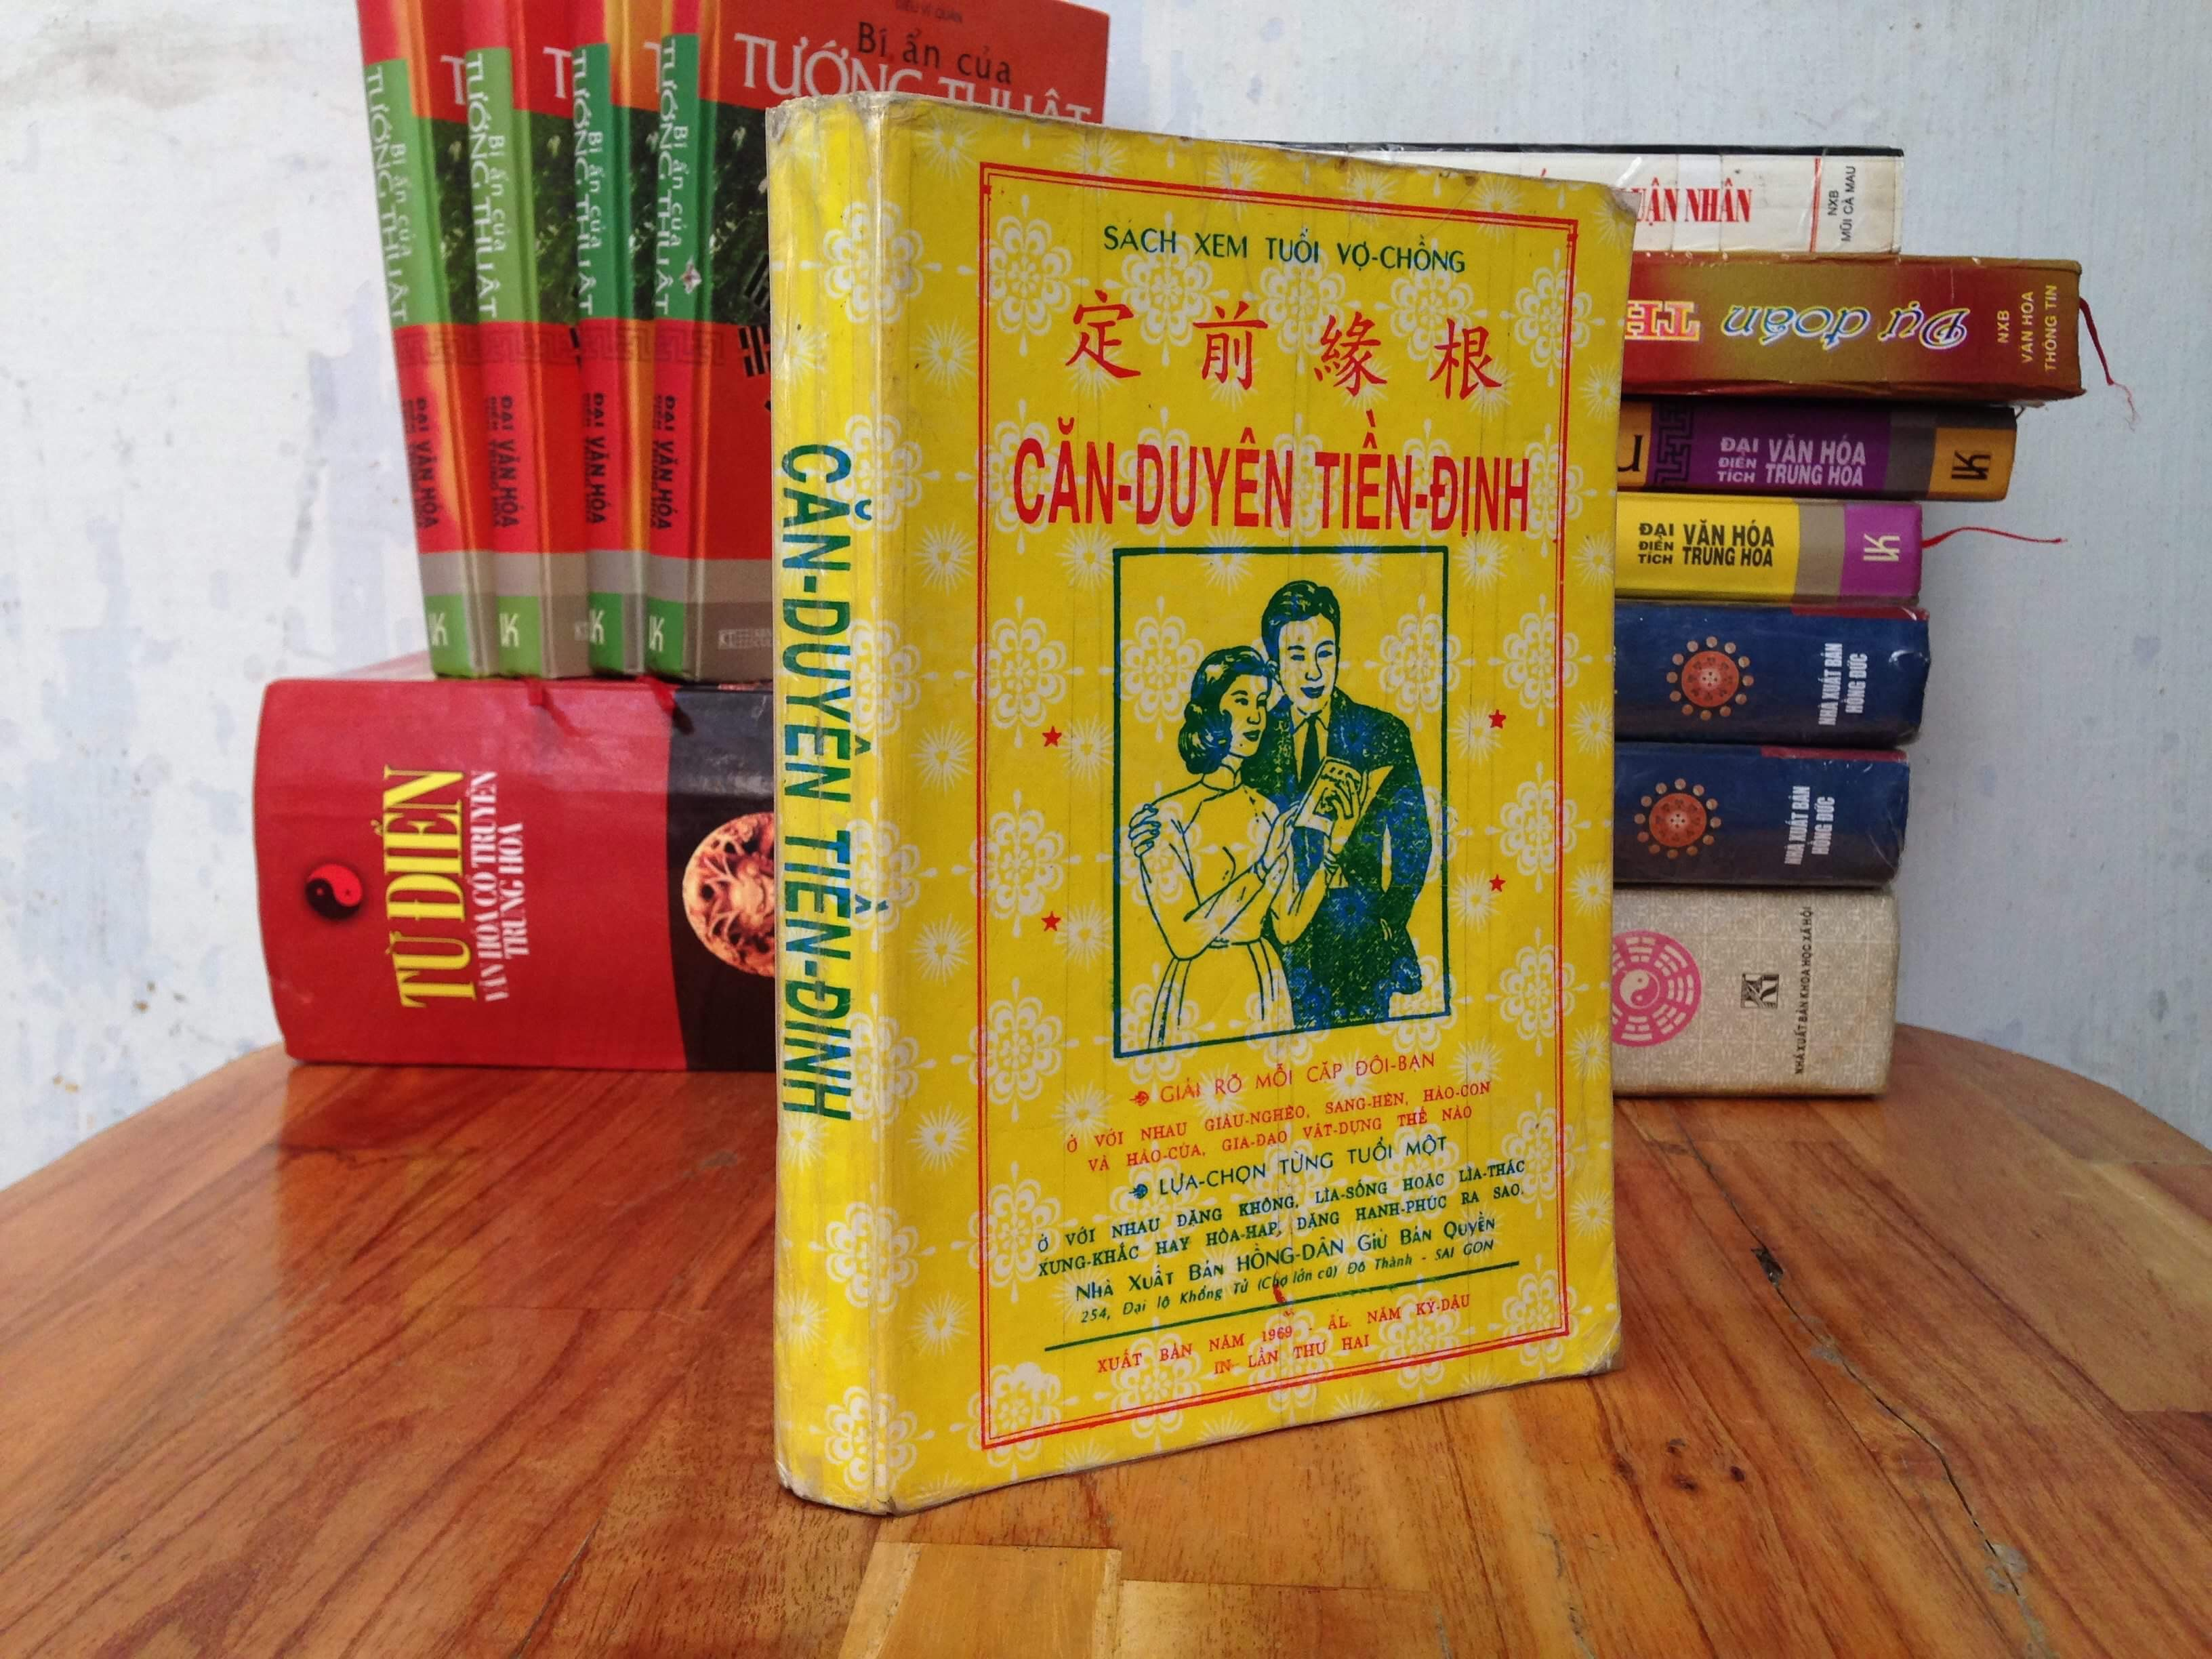 Căn Duyên Tiền Định - Dương Công Hầu (Bản Chuẩn)